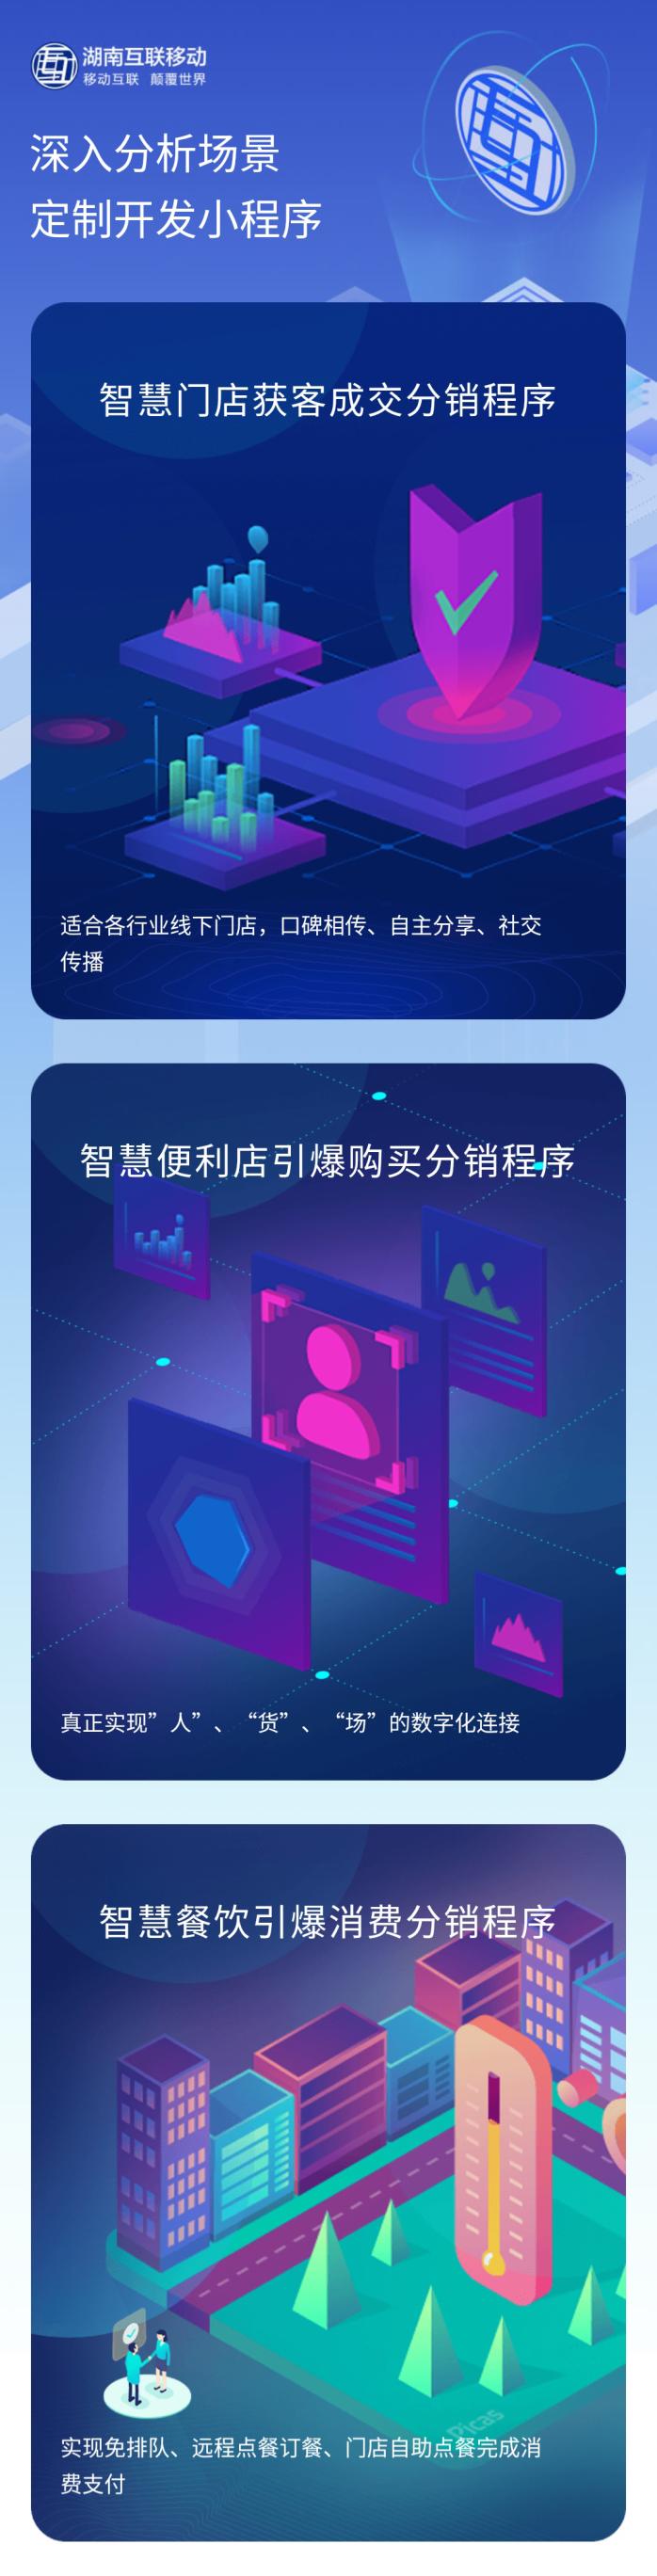 分销程序系统03.jpg